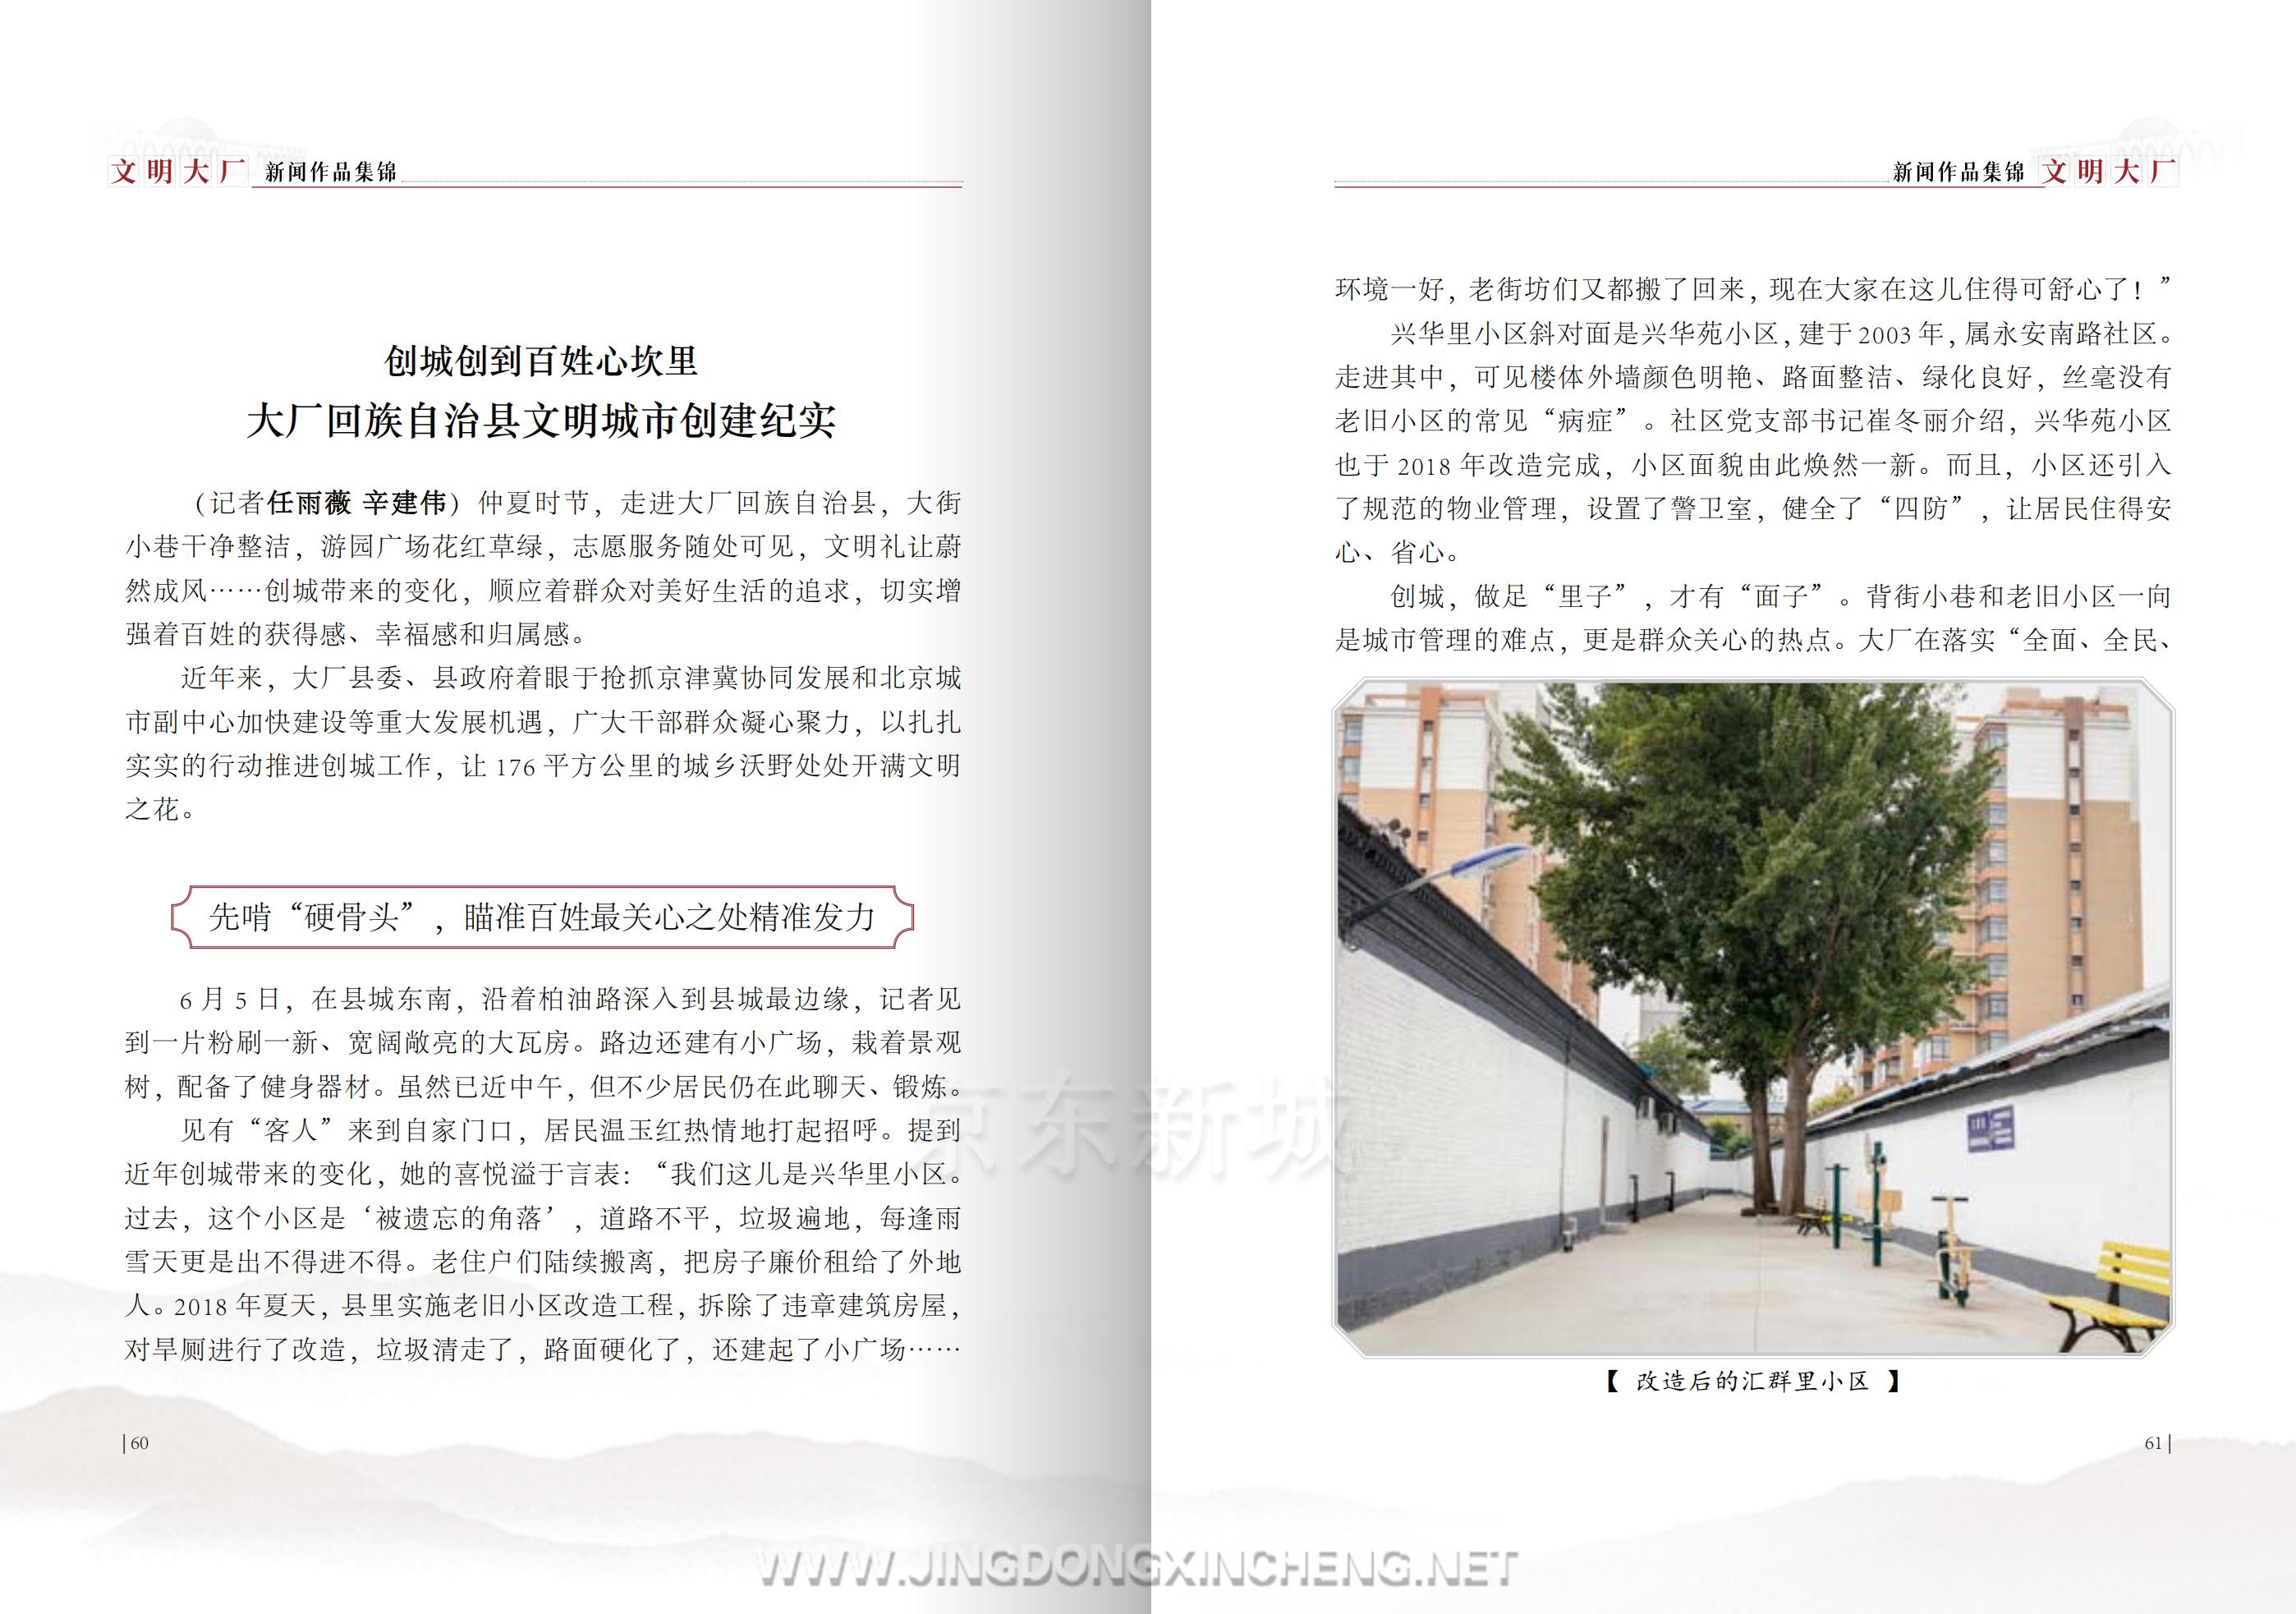 文明大厂书籍-定稿-上传版_34.png